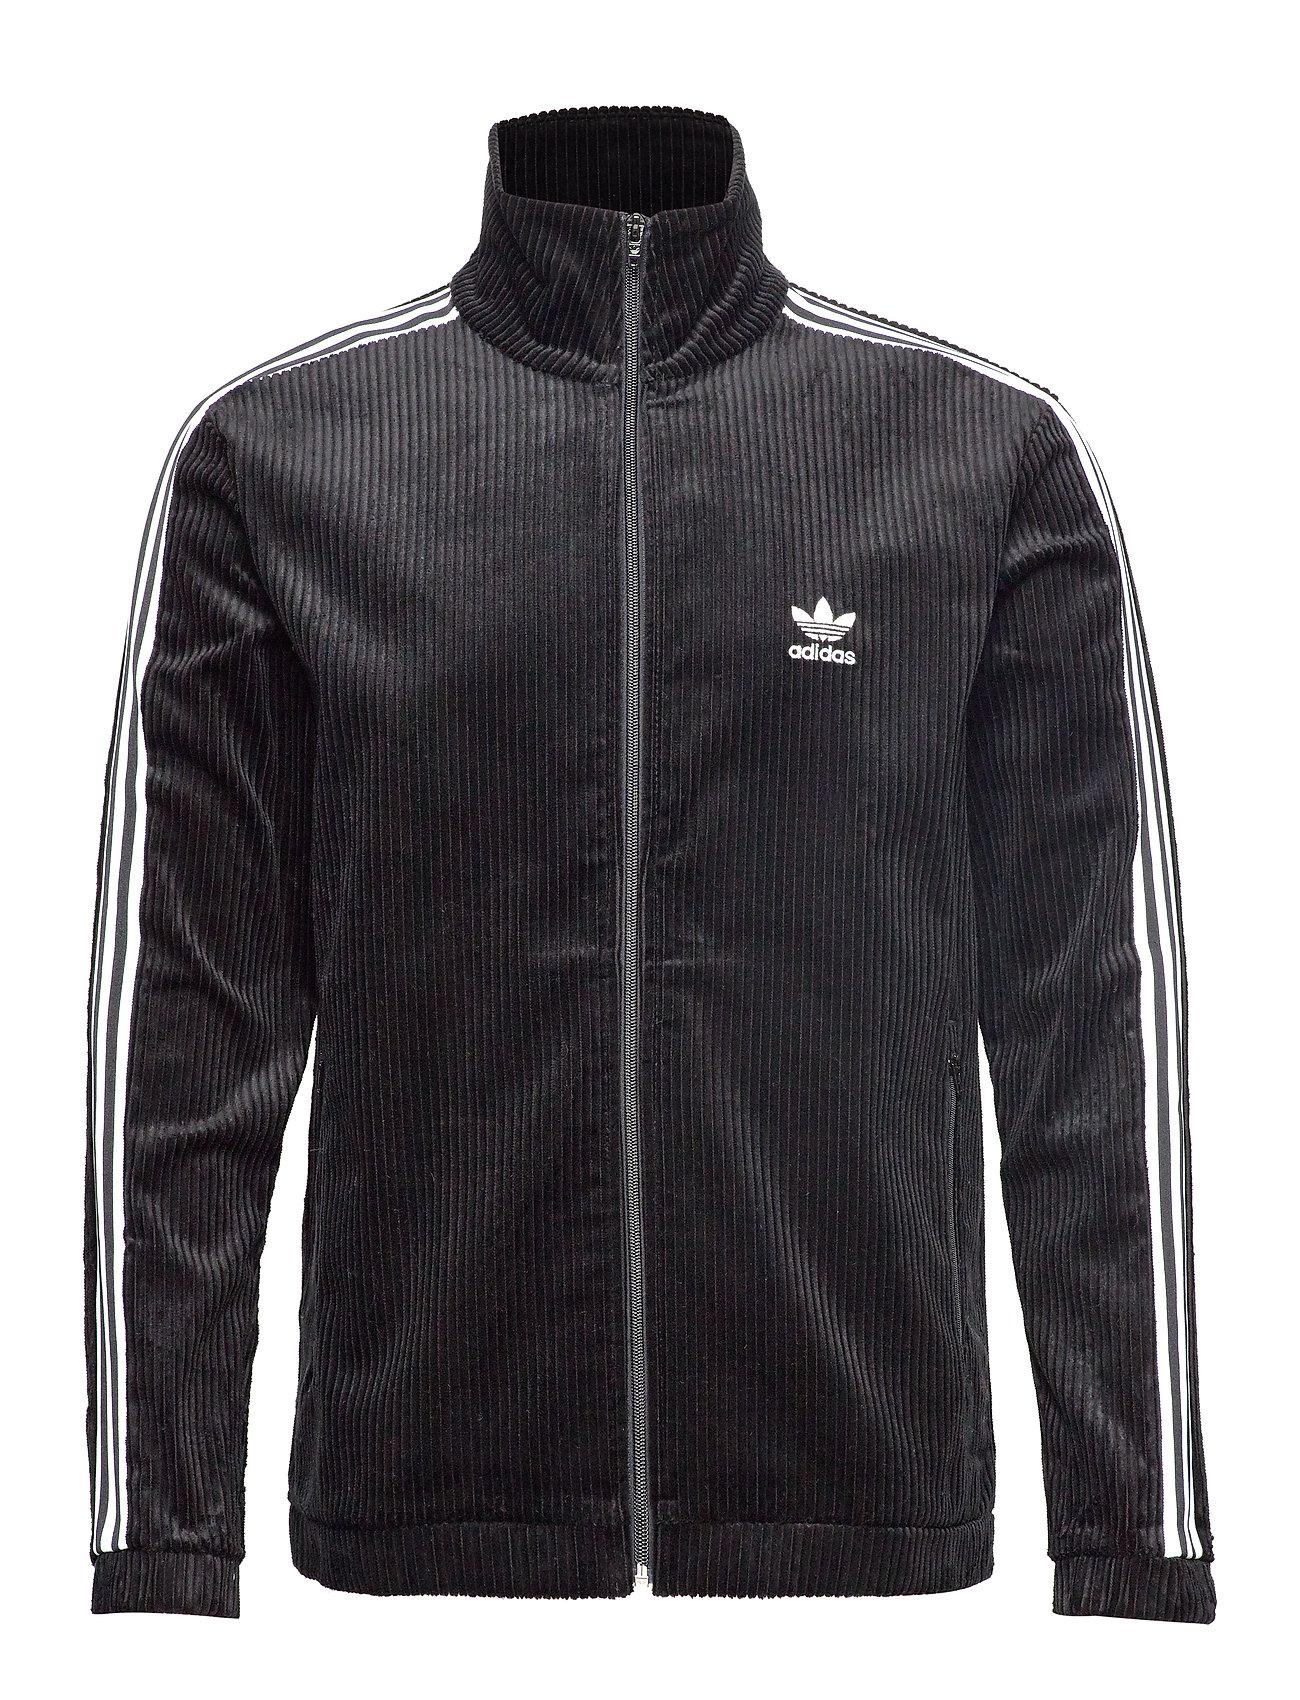 adidas Originals CORD BB TT - BLACK